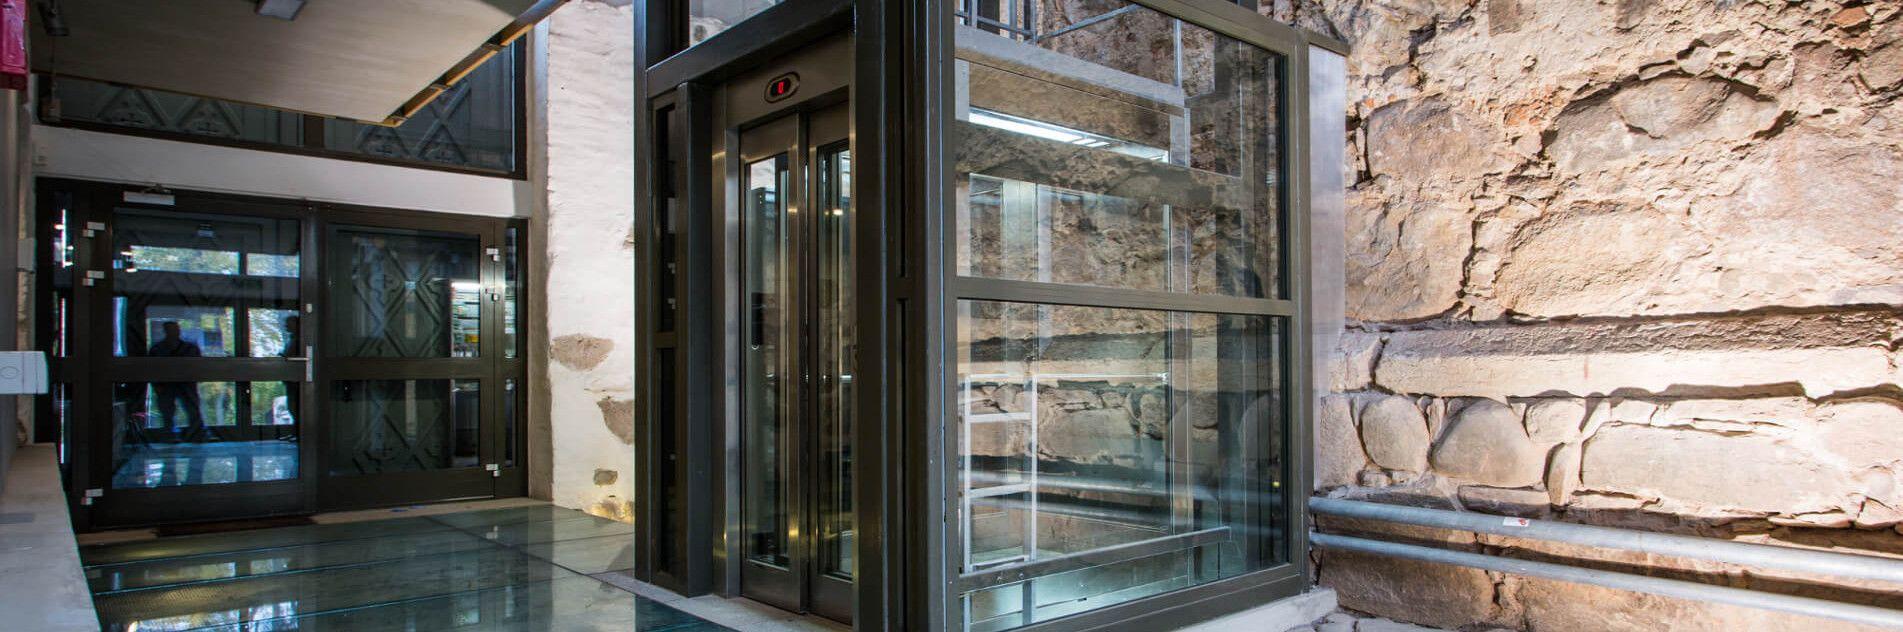 Kabina windy, dźwigi osobowe w zamku w Człuchowie